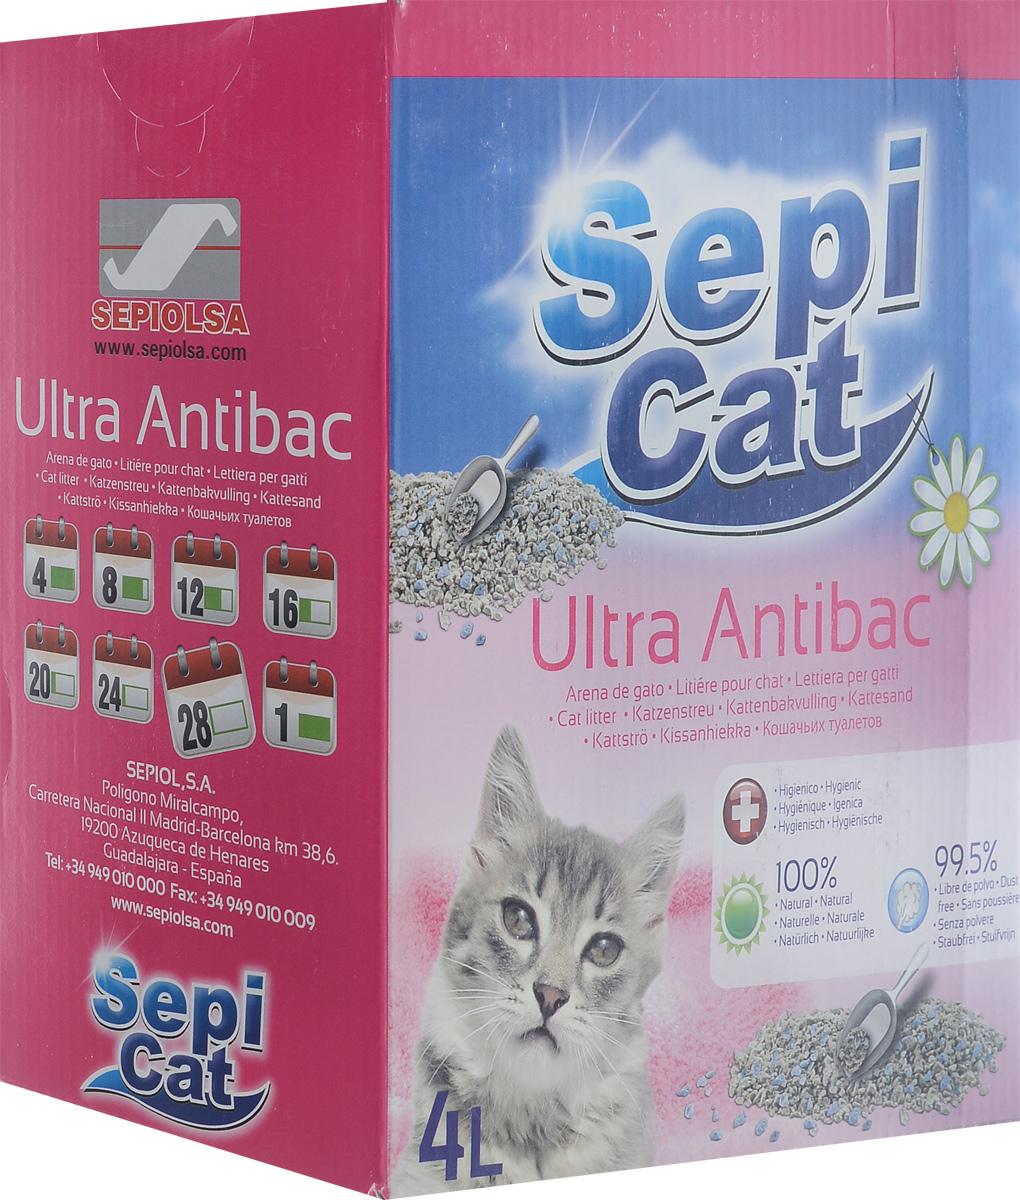 Наполнитель для кошачьих туалетов SepiCat Ультра. Антибактериальный, комкующийся, 4 л20410Экологически чистый антибактериальный комкующийся наполнитель SepiCat Ультра. Антибактериальный изготовлен из 100% натуральных минеральных компонентов. Безопасен для животного и для человека. Инновационная антибактериальная формула обеспечит исключительную гигиеничность лотка, защищая вашего питомца и дом от бактерий. Обладает превосходными комкующими свойствами. При контакте с жидкостью образует плотные компактные комки. Не пылит. Эффективно поглощает неприятные запахи. Антибактериальные ароматические гранулы активируются при контакте с жидкостью, что обеспечит чистоту и комфорт на продолжительное время. Состав: бентонит, антибактериальные добавки. Товар сертифицирован.